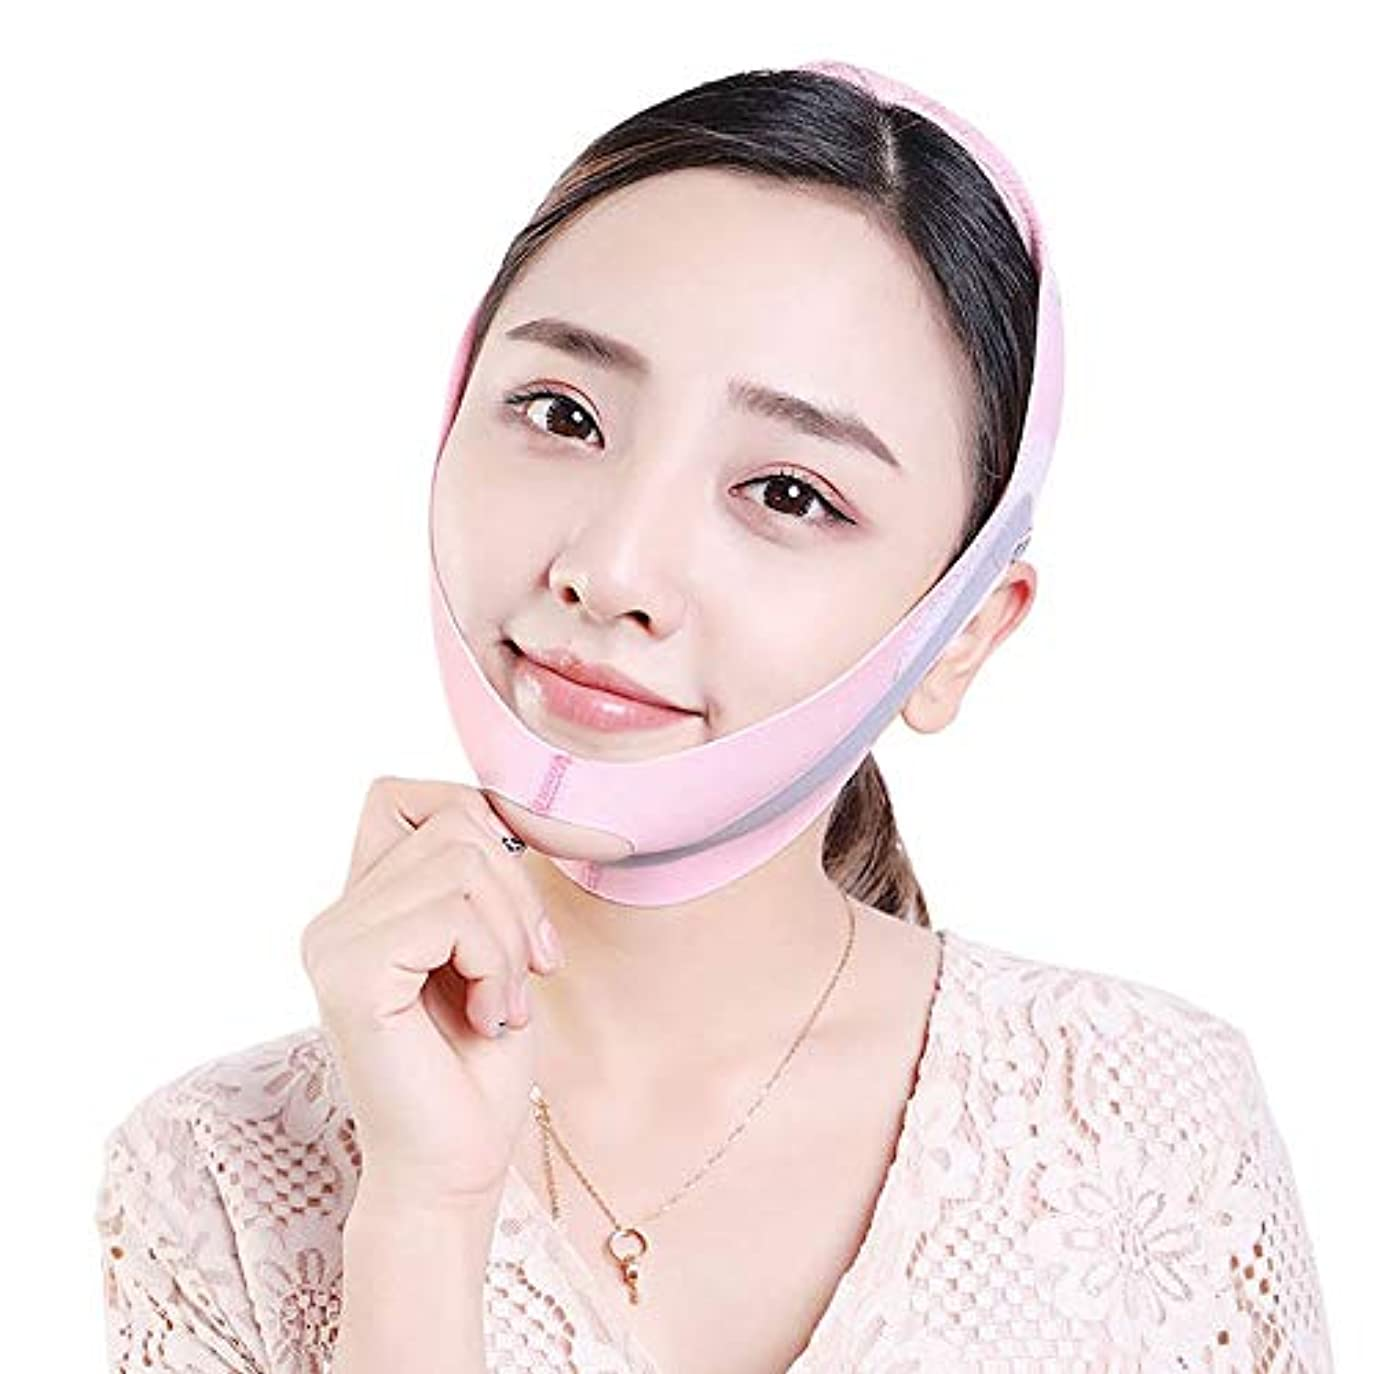 悲劇想定するフロンティアGYZ たるみを防ぐために顔を持ち上げるために筋肉を引き締めるために二重あごのステッカーとラインを削除するために、顔を持ち上げるアーティファクト包帯があります - ピンク Thin Face Belt